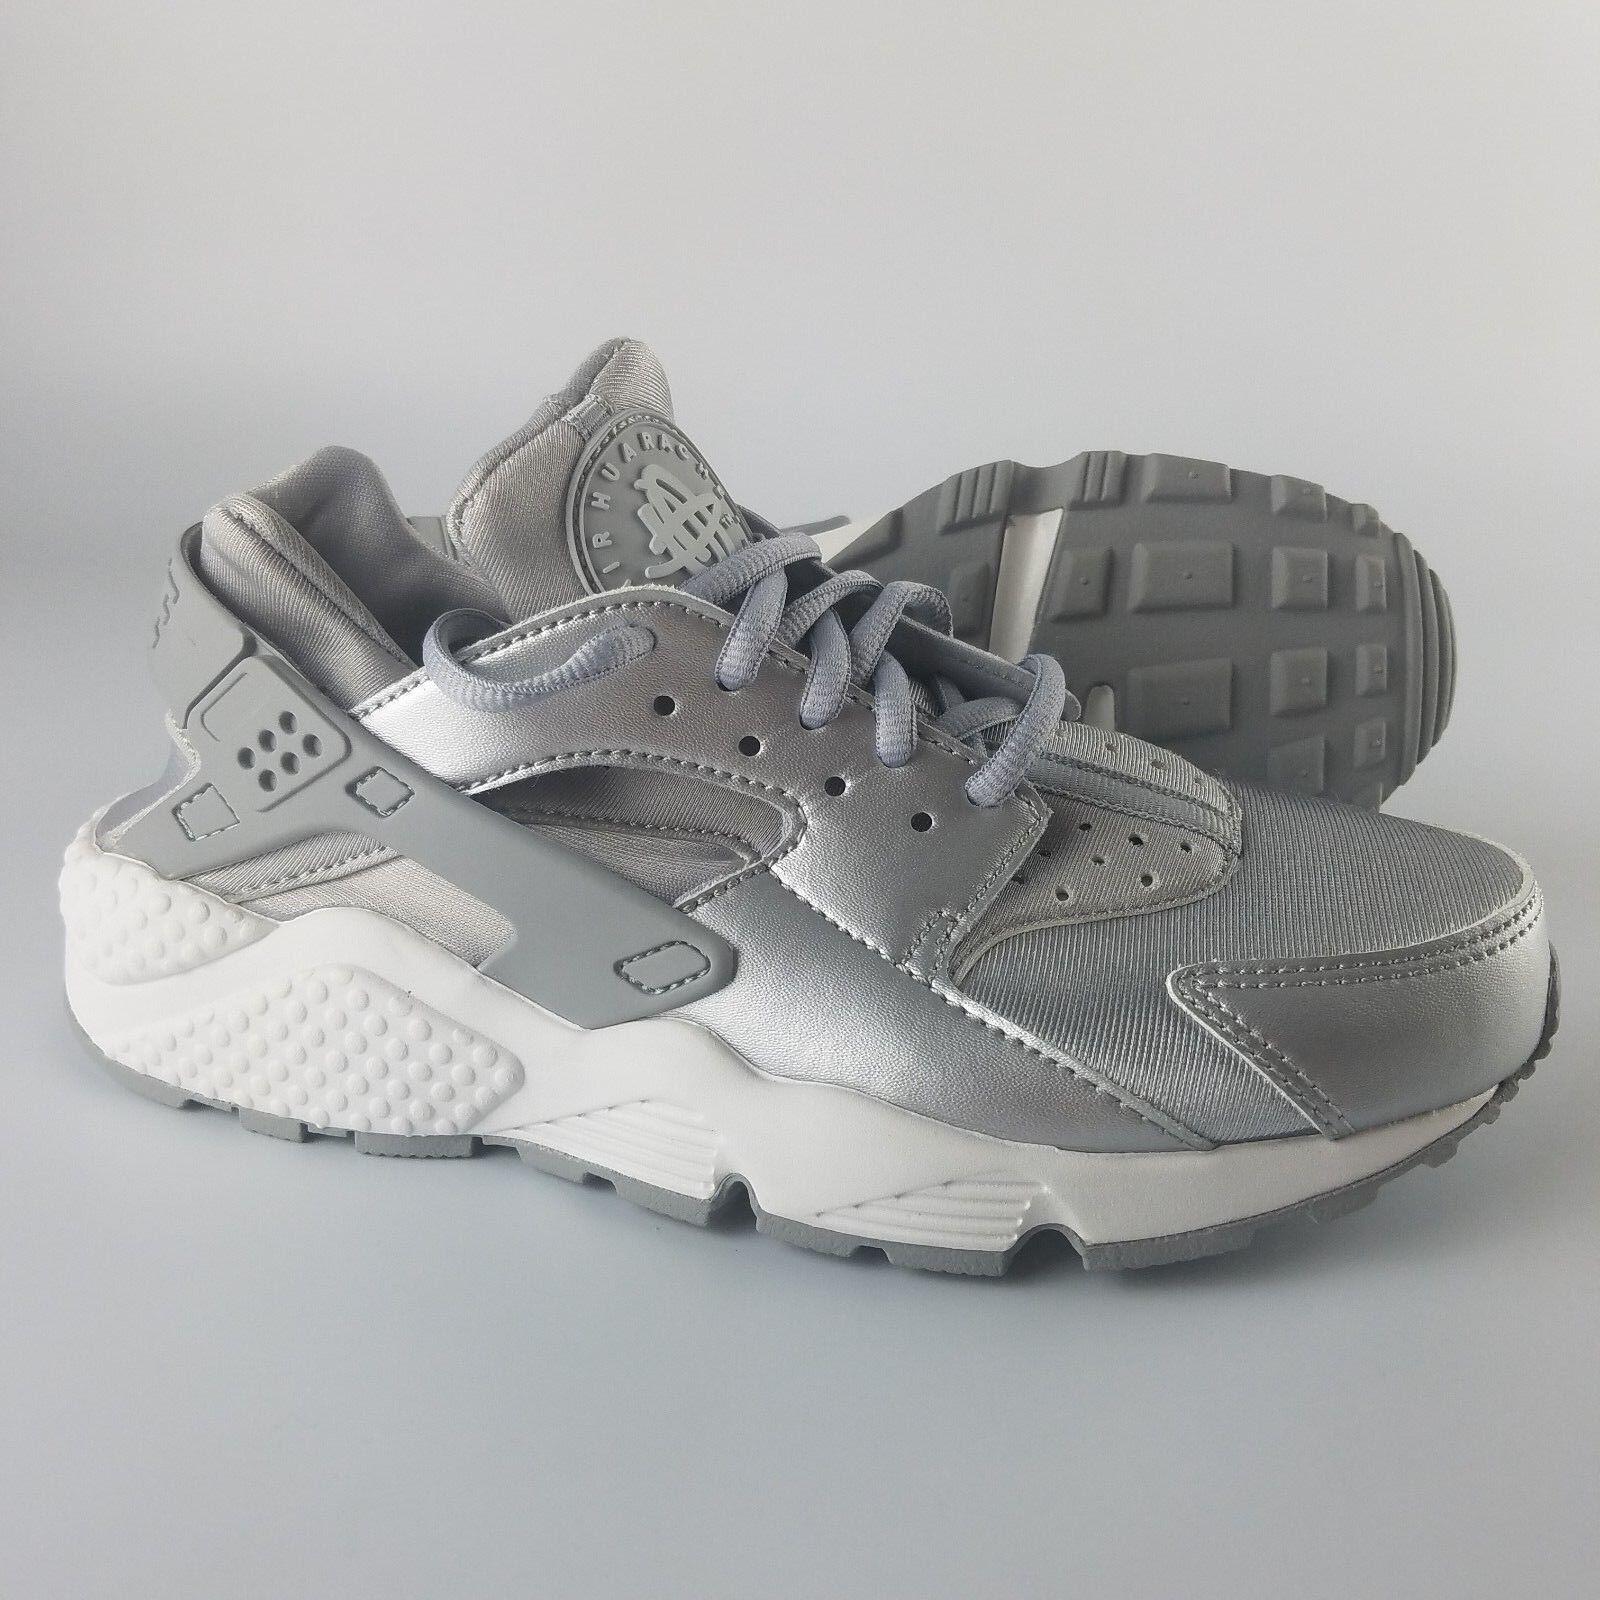 Mujeres se Nike Air huarache Run se Mujeres zapatillas plata metalizado mate e5a95a